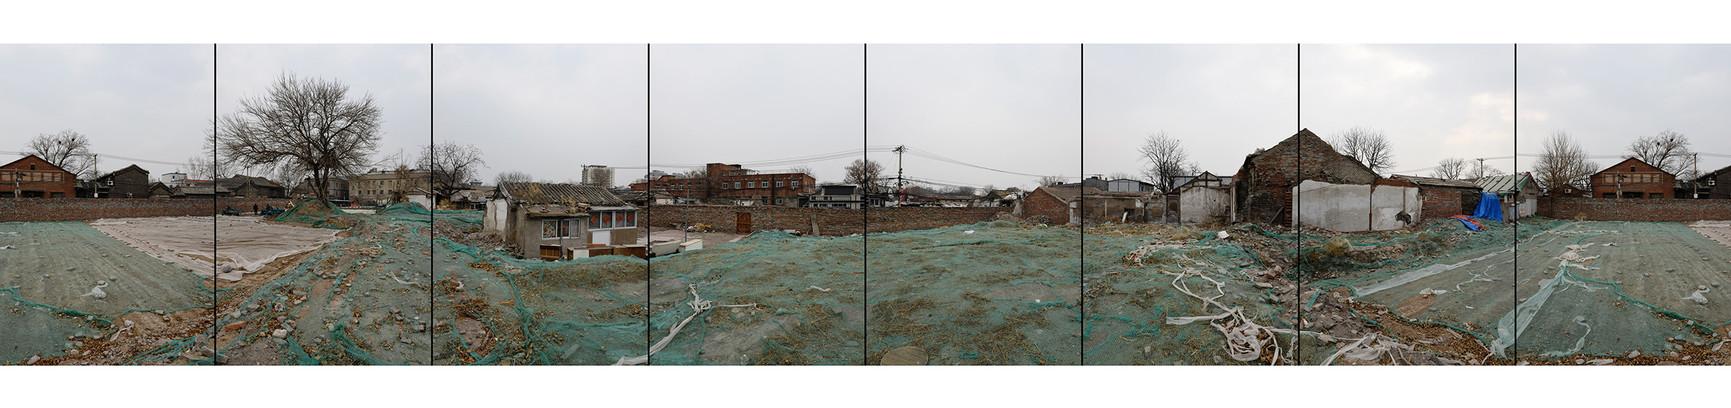 北京废墟09.jpg